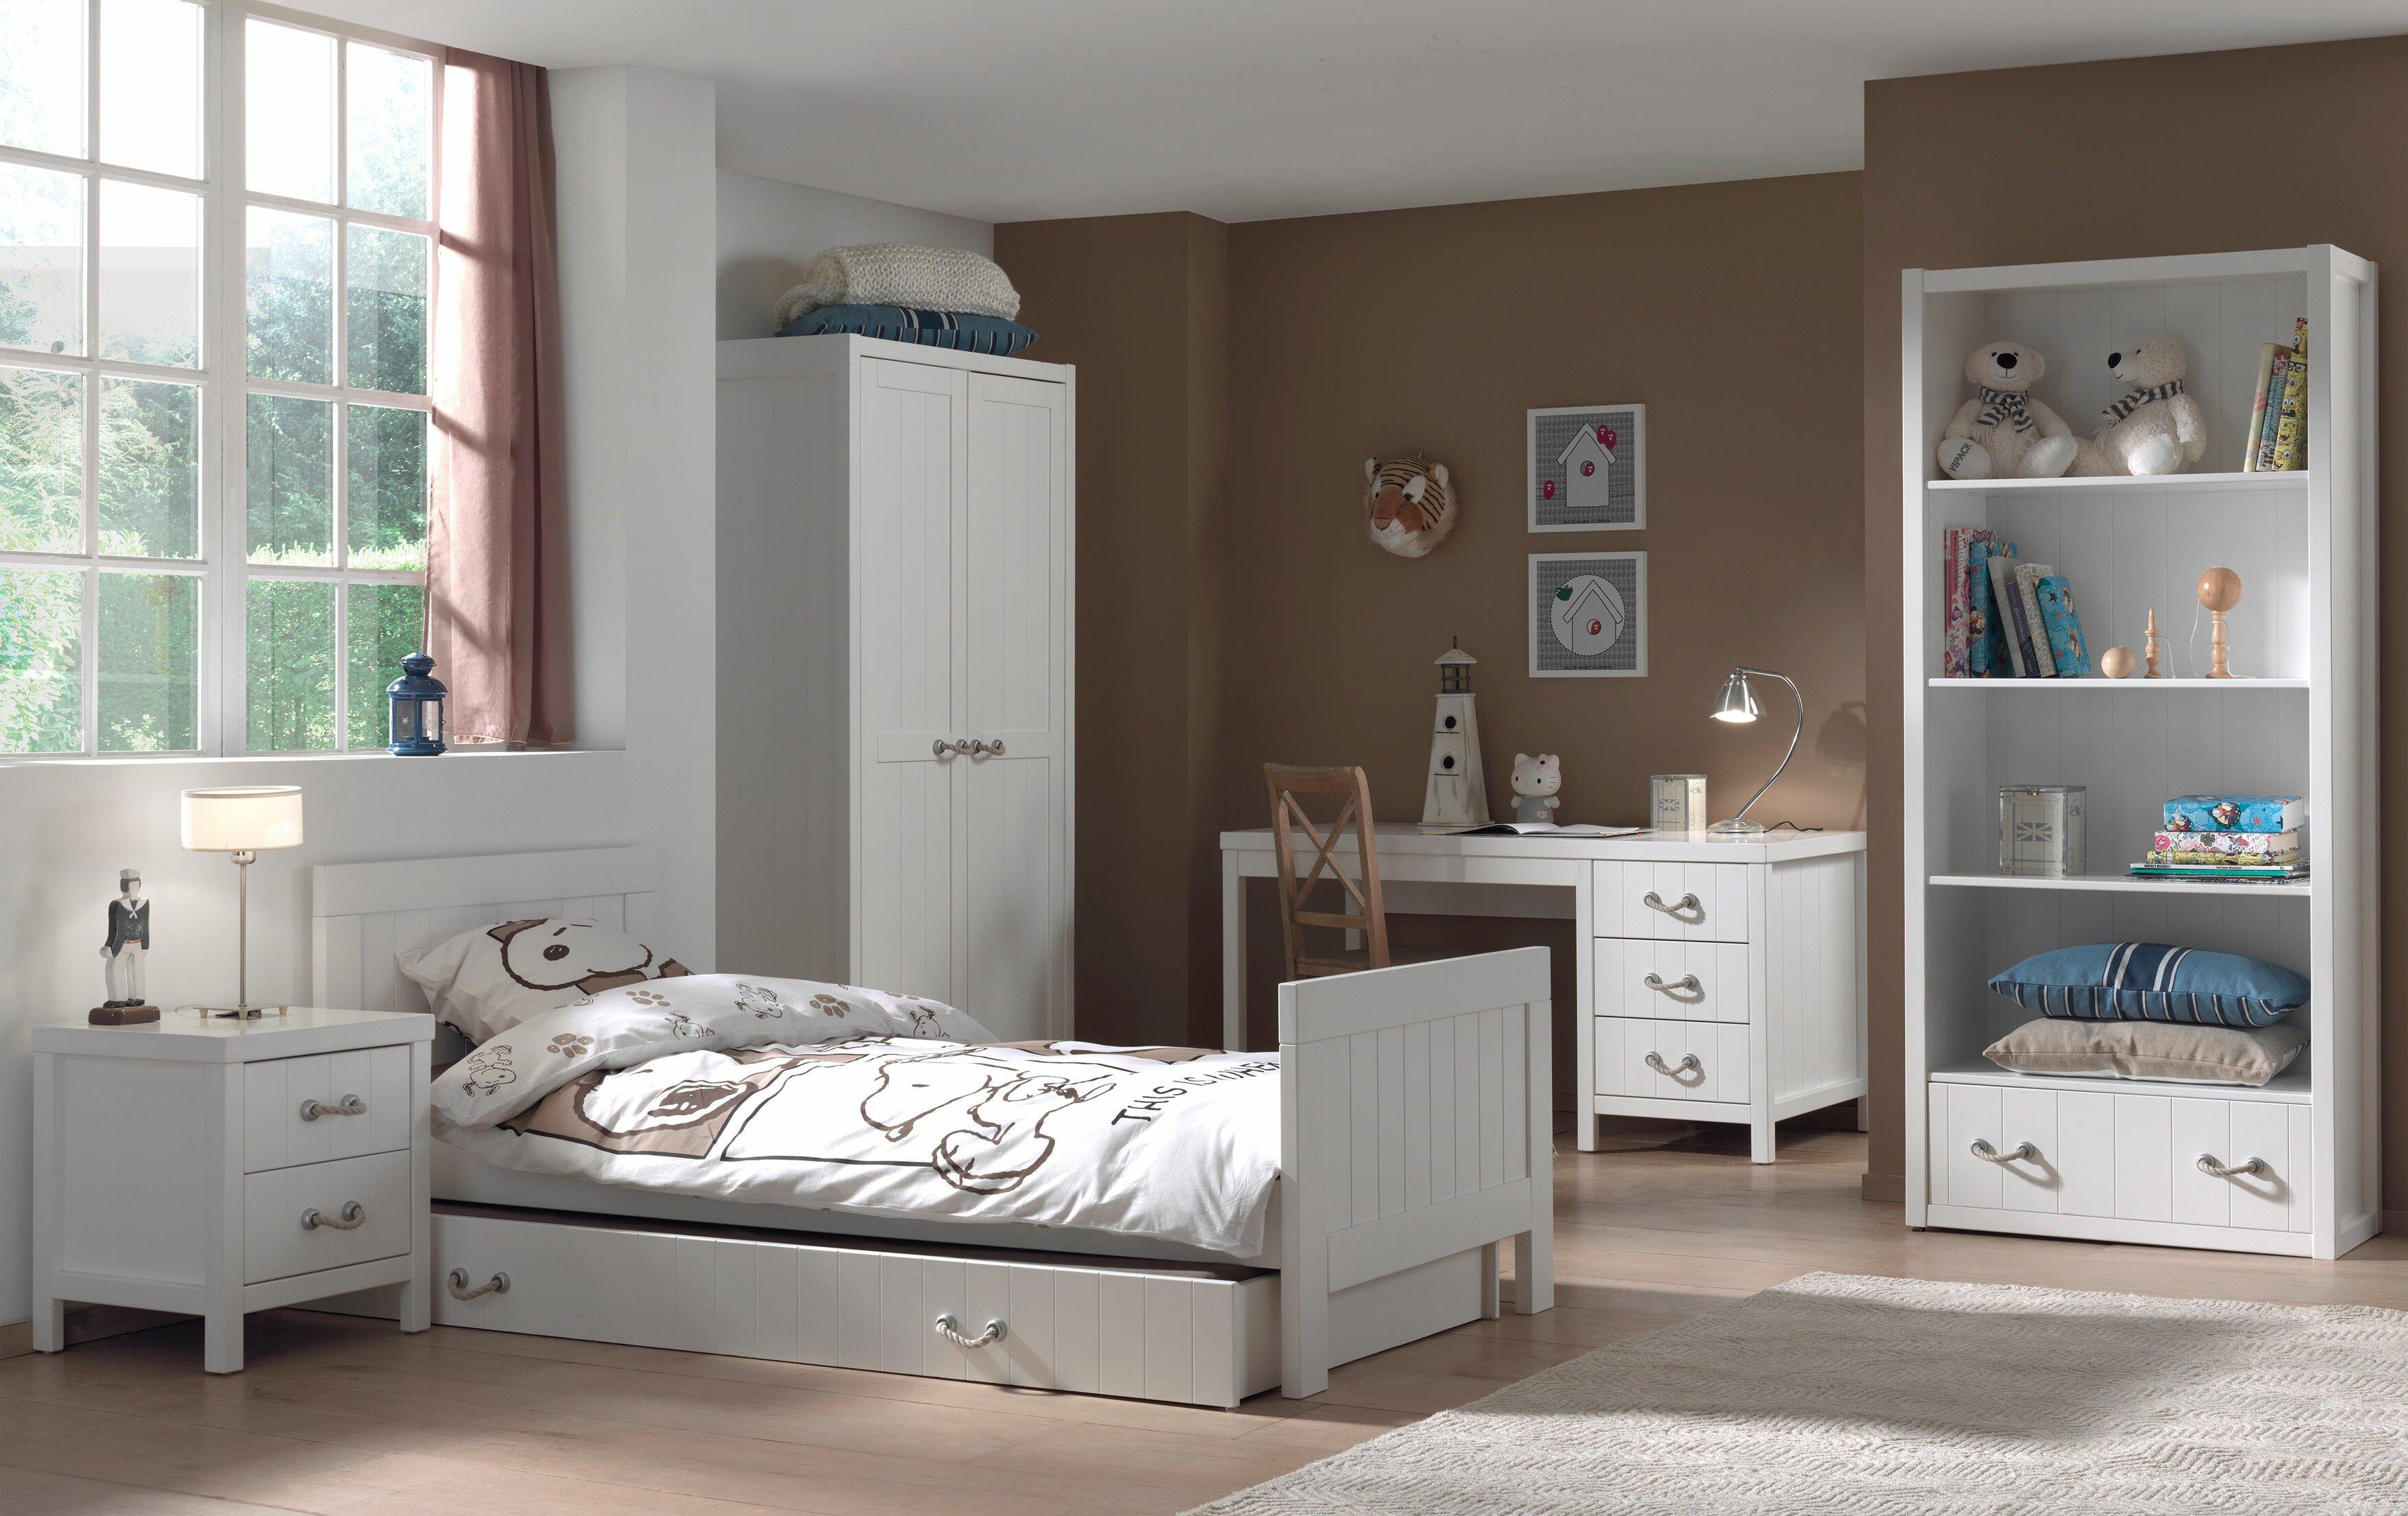 Betten von vipack günstig online kaufen bei möbel garten